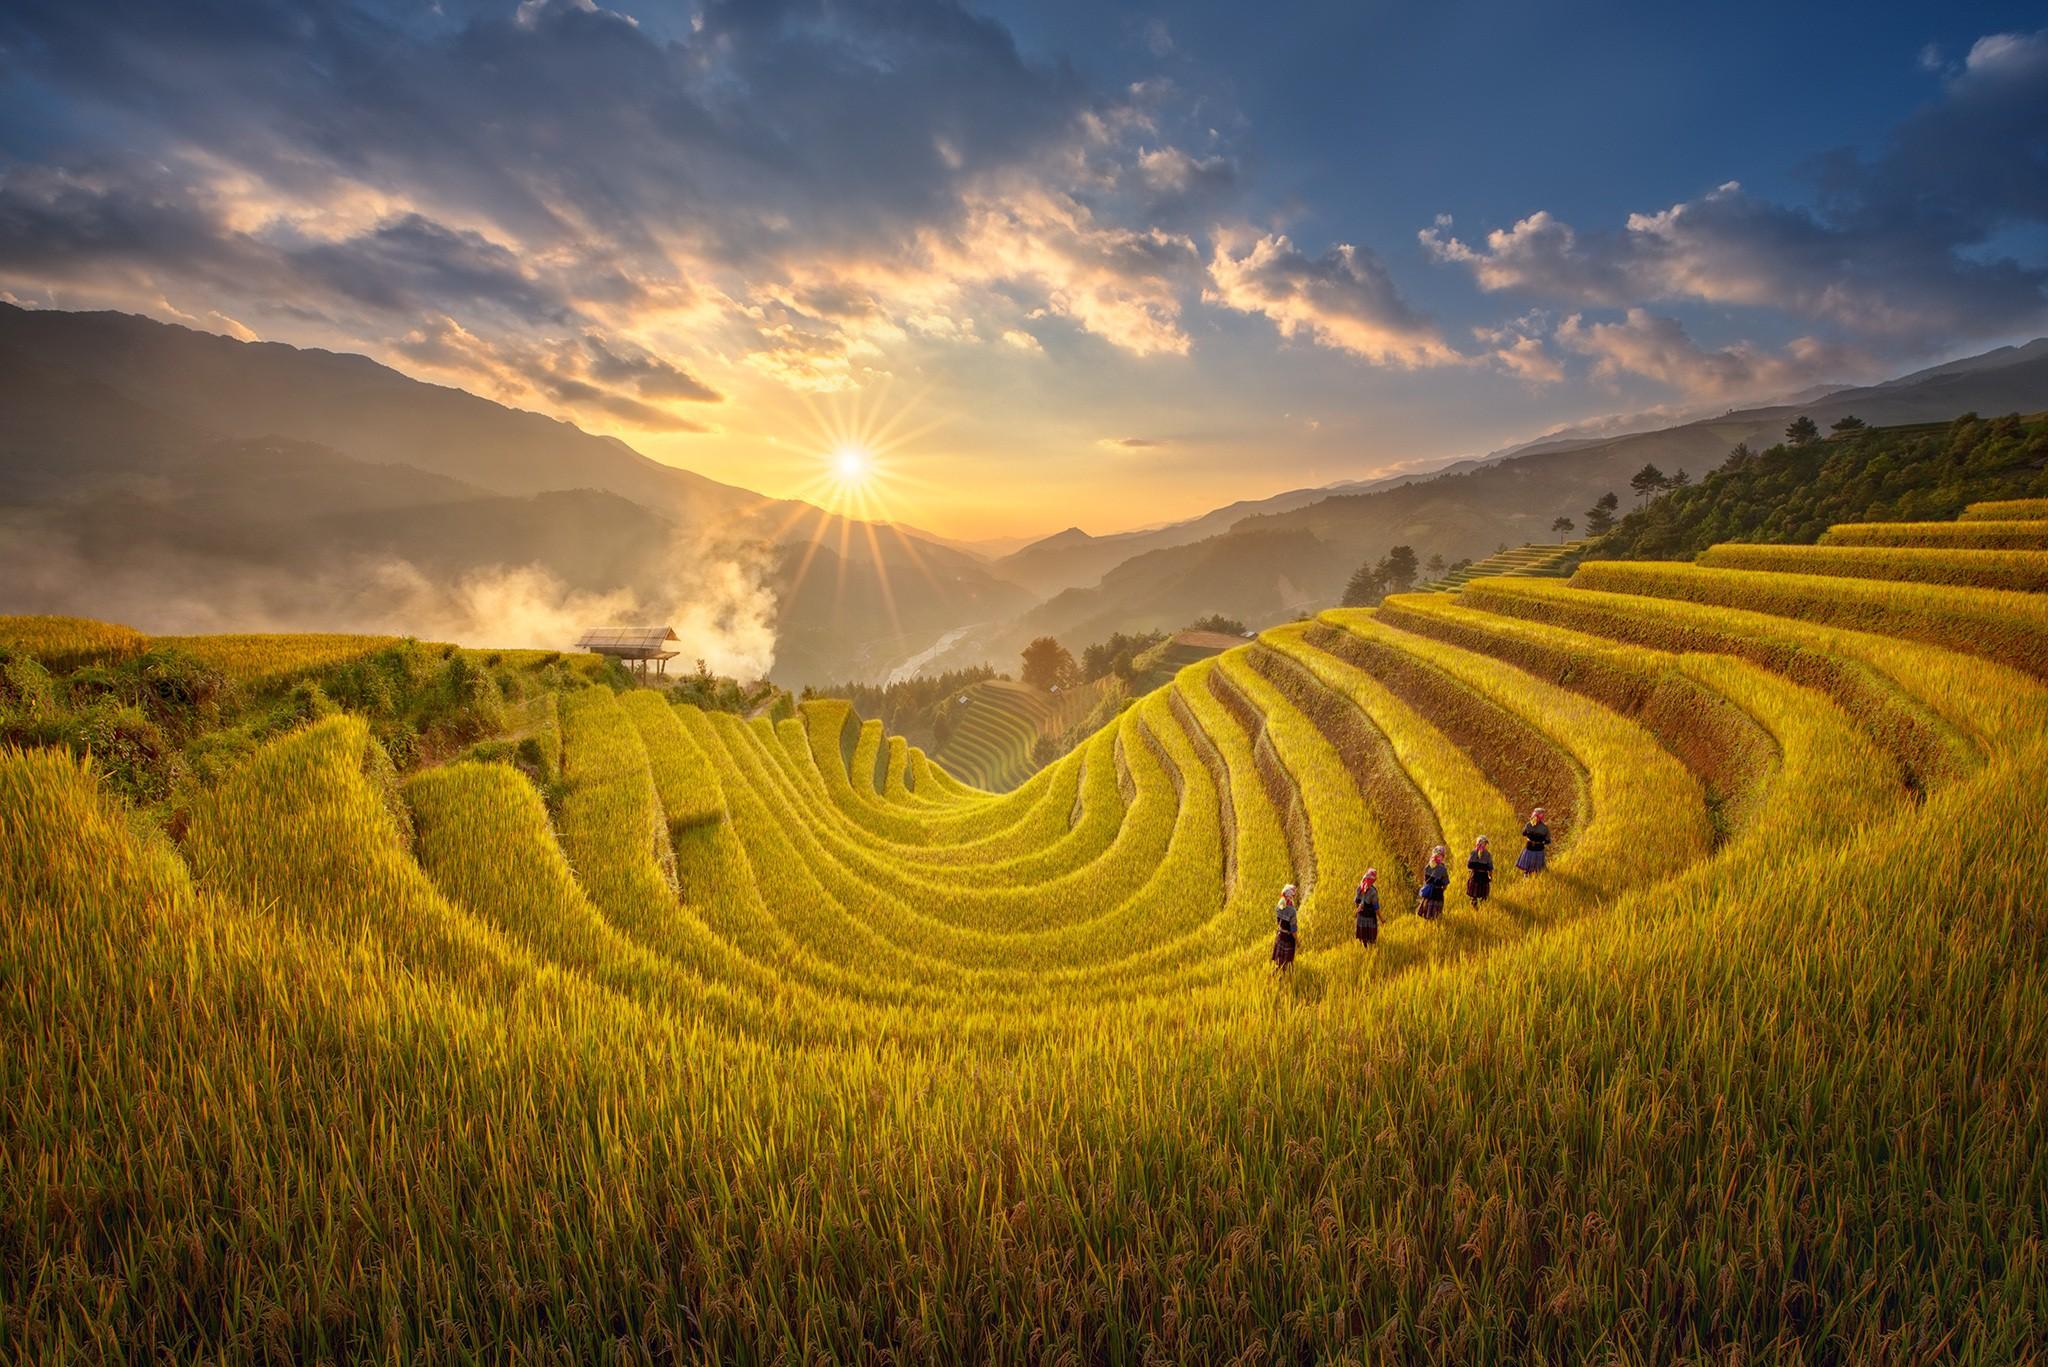 Cánh đồng lúa chín vàng cực đẹp